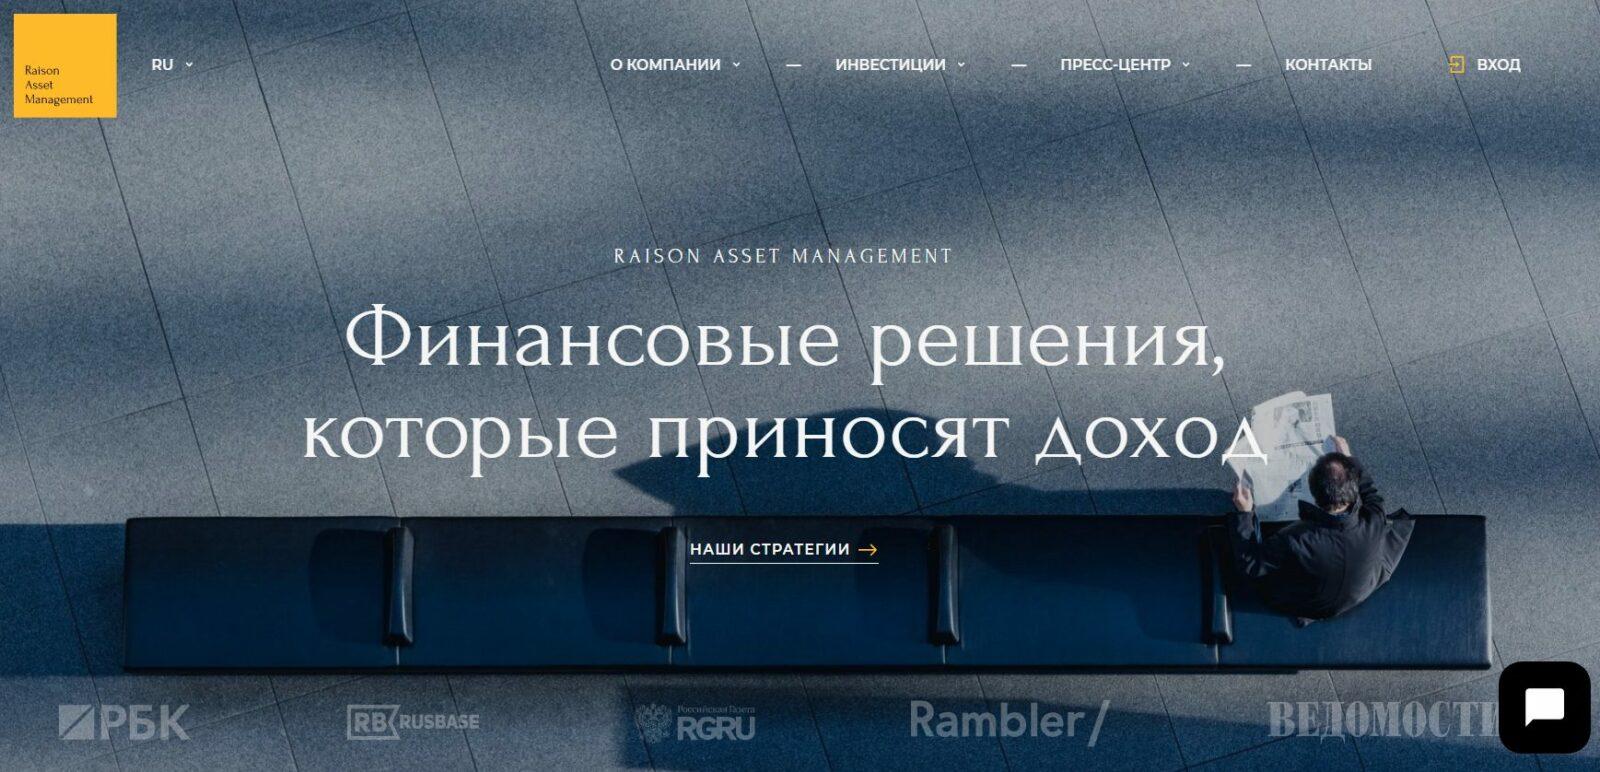 Трейдер Raison Asset Management